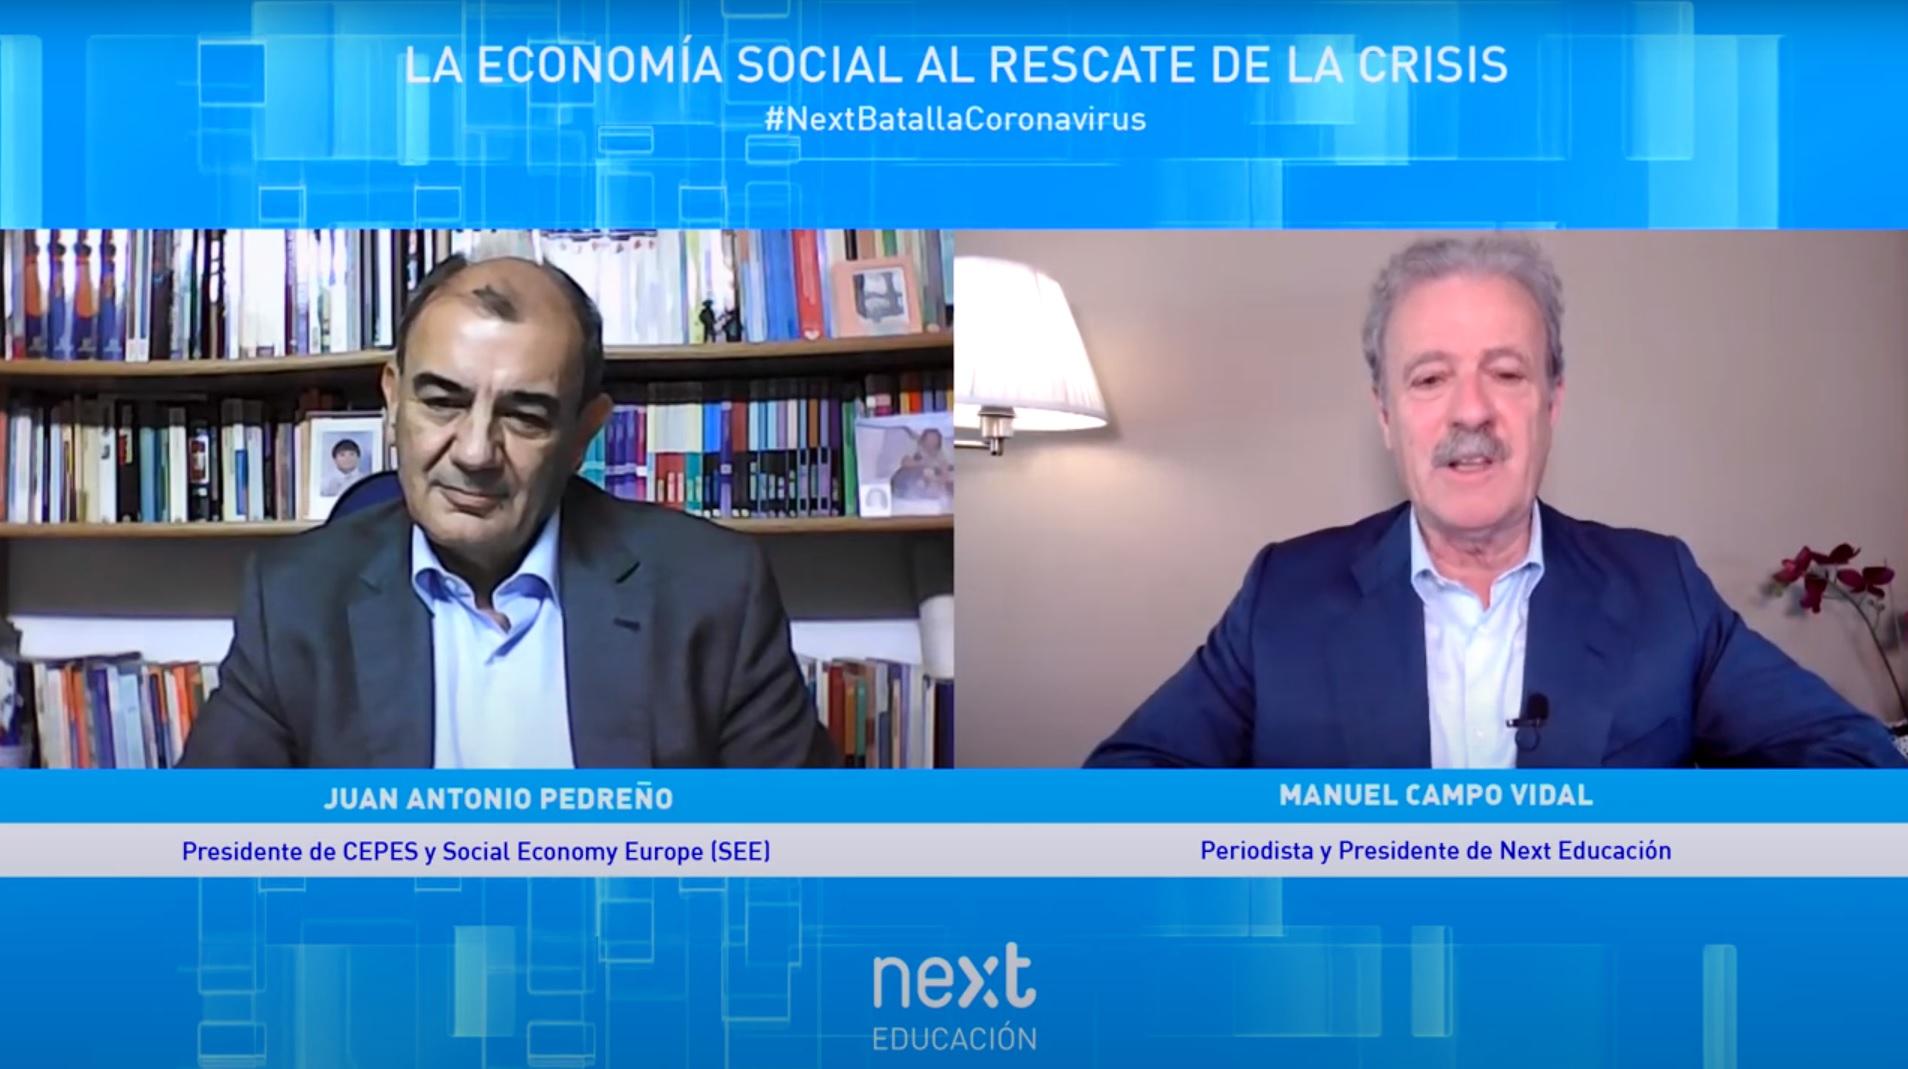 La economía social al rescate de la crisis